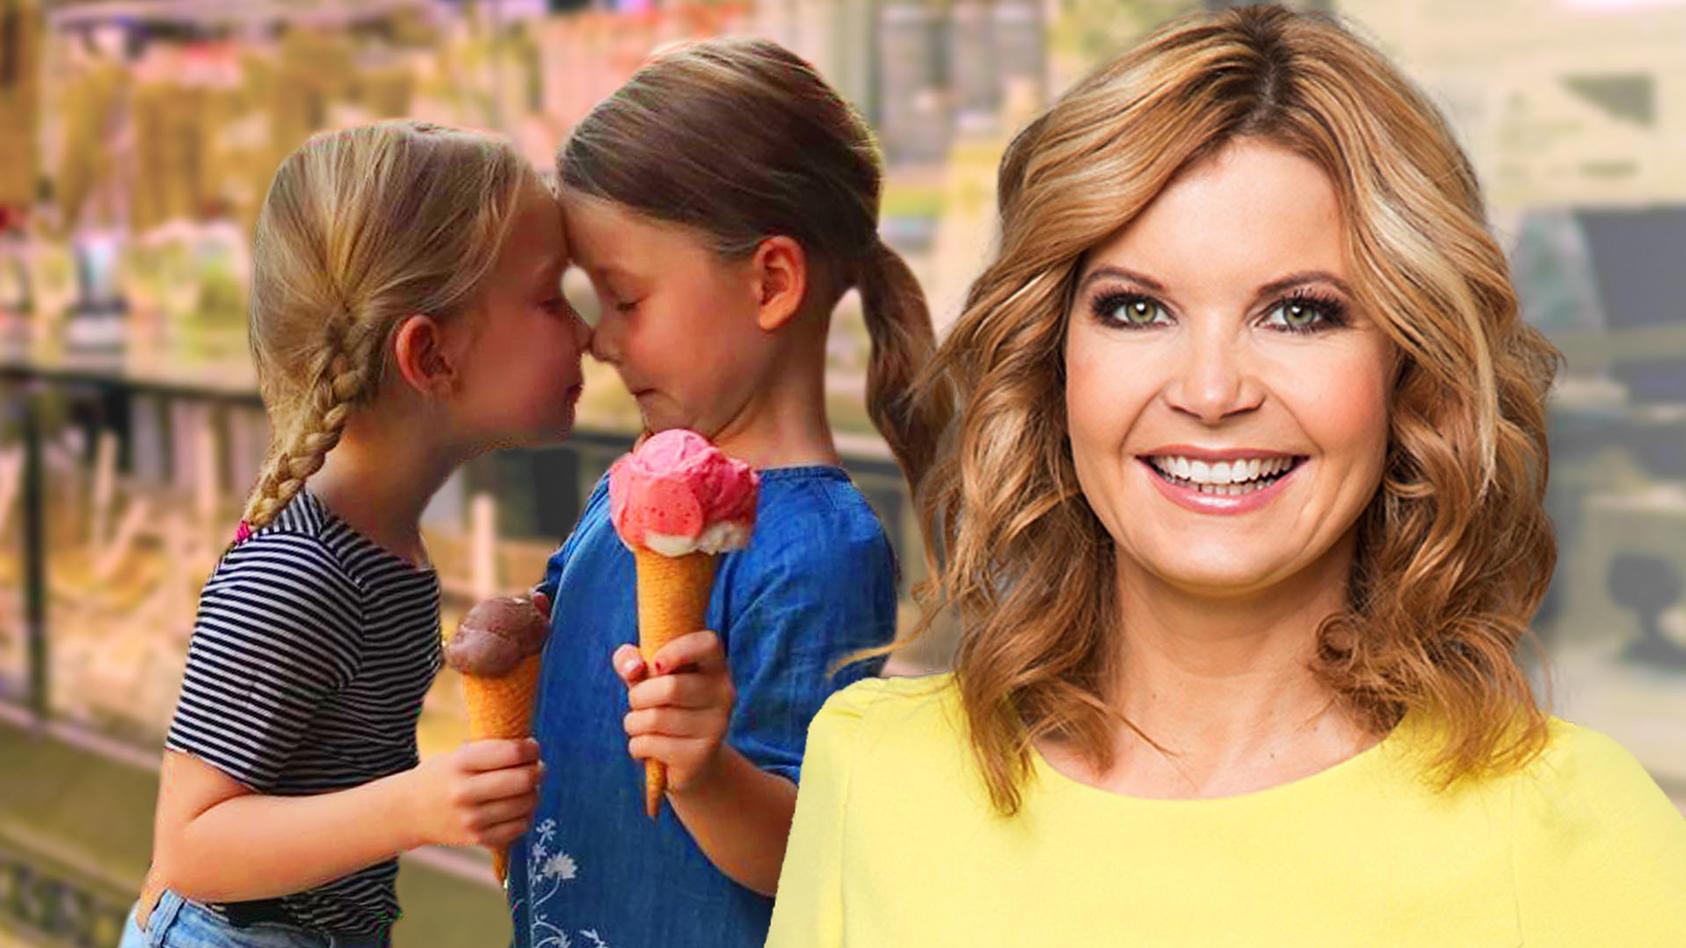 Eva Imhofs Zwillinge dürfen auch Eis essen, wenn sie Lust dazu haben.